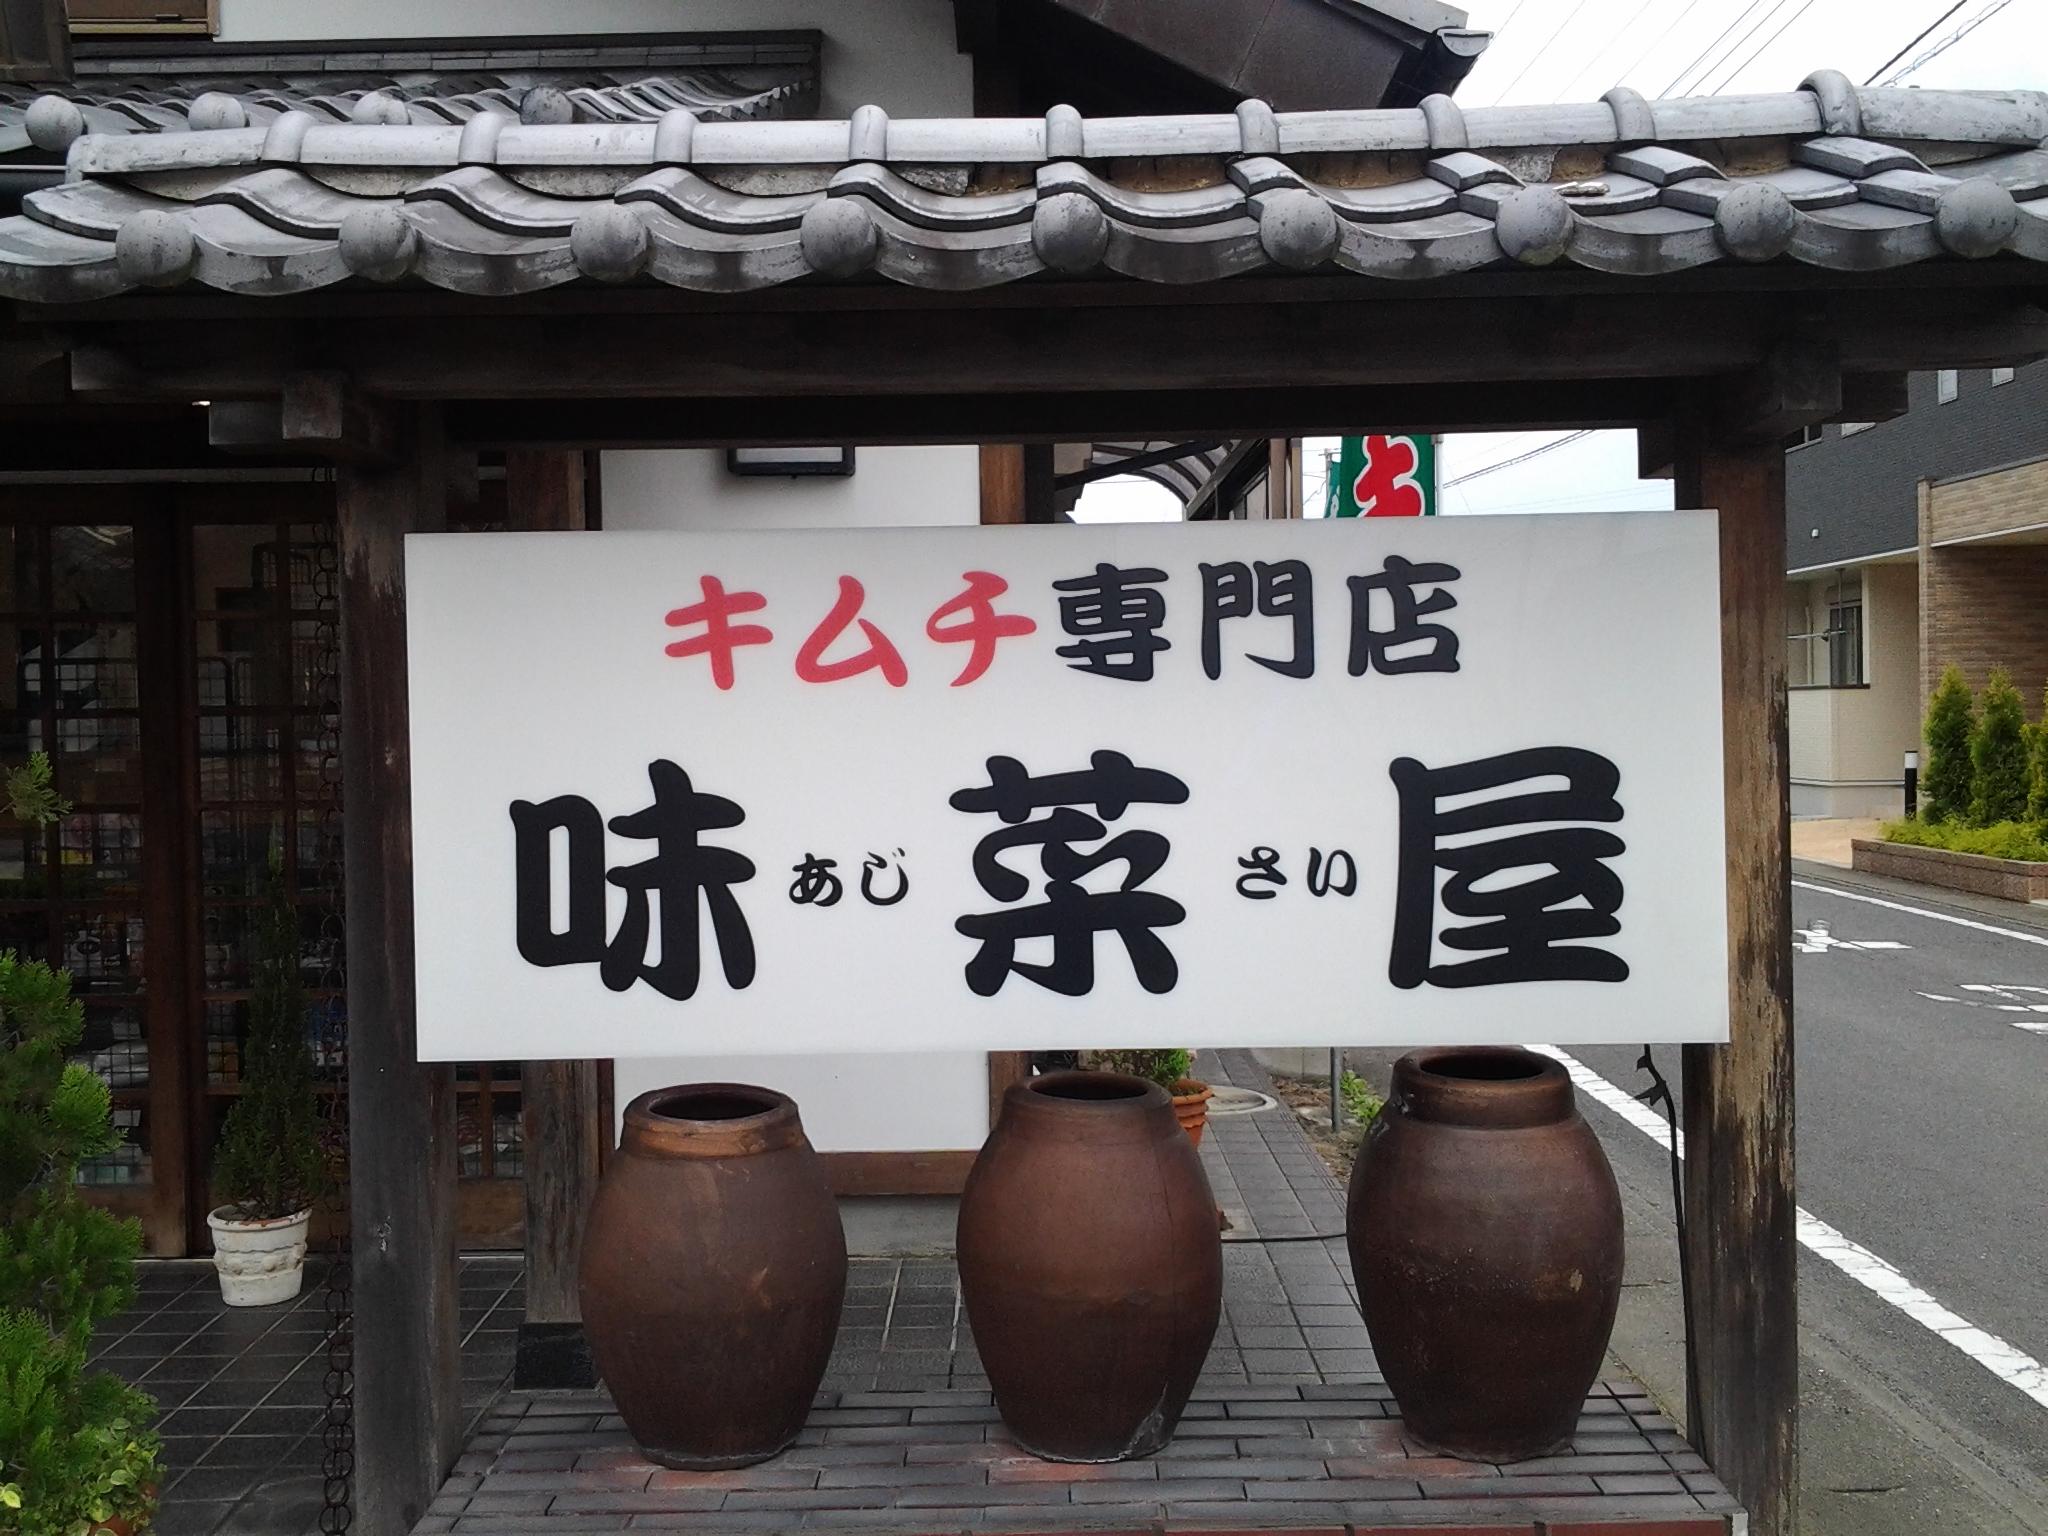 20151001_115213.jpg